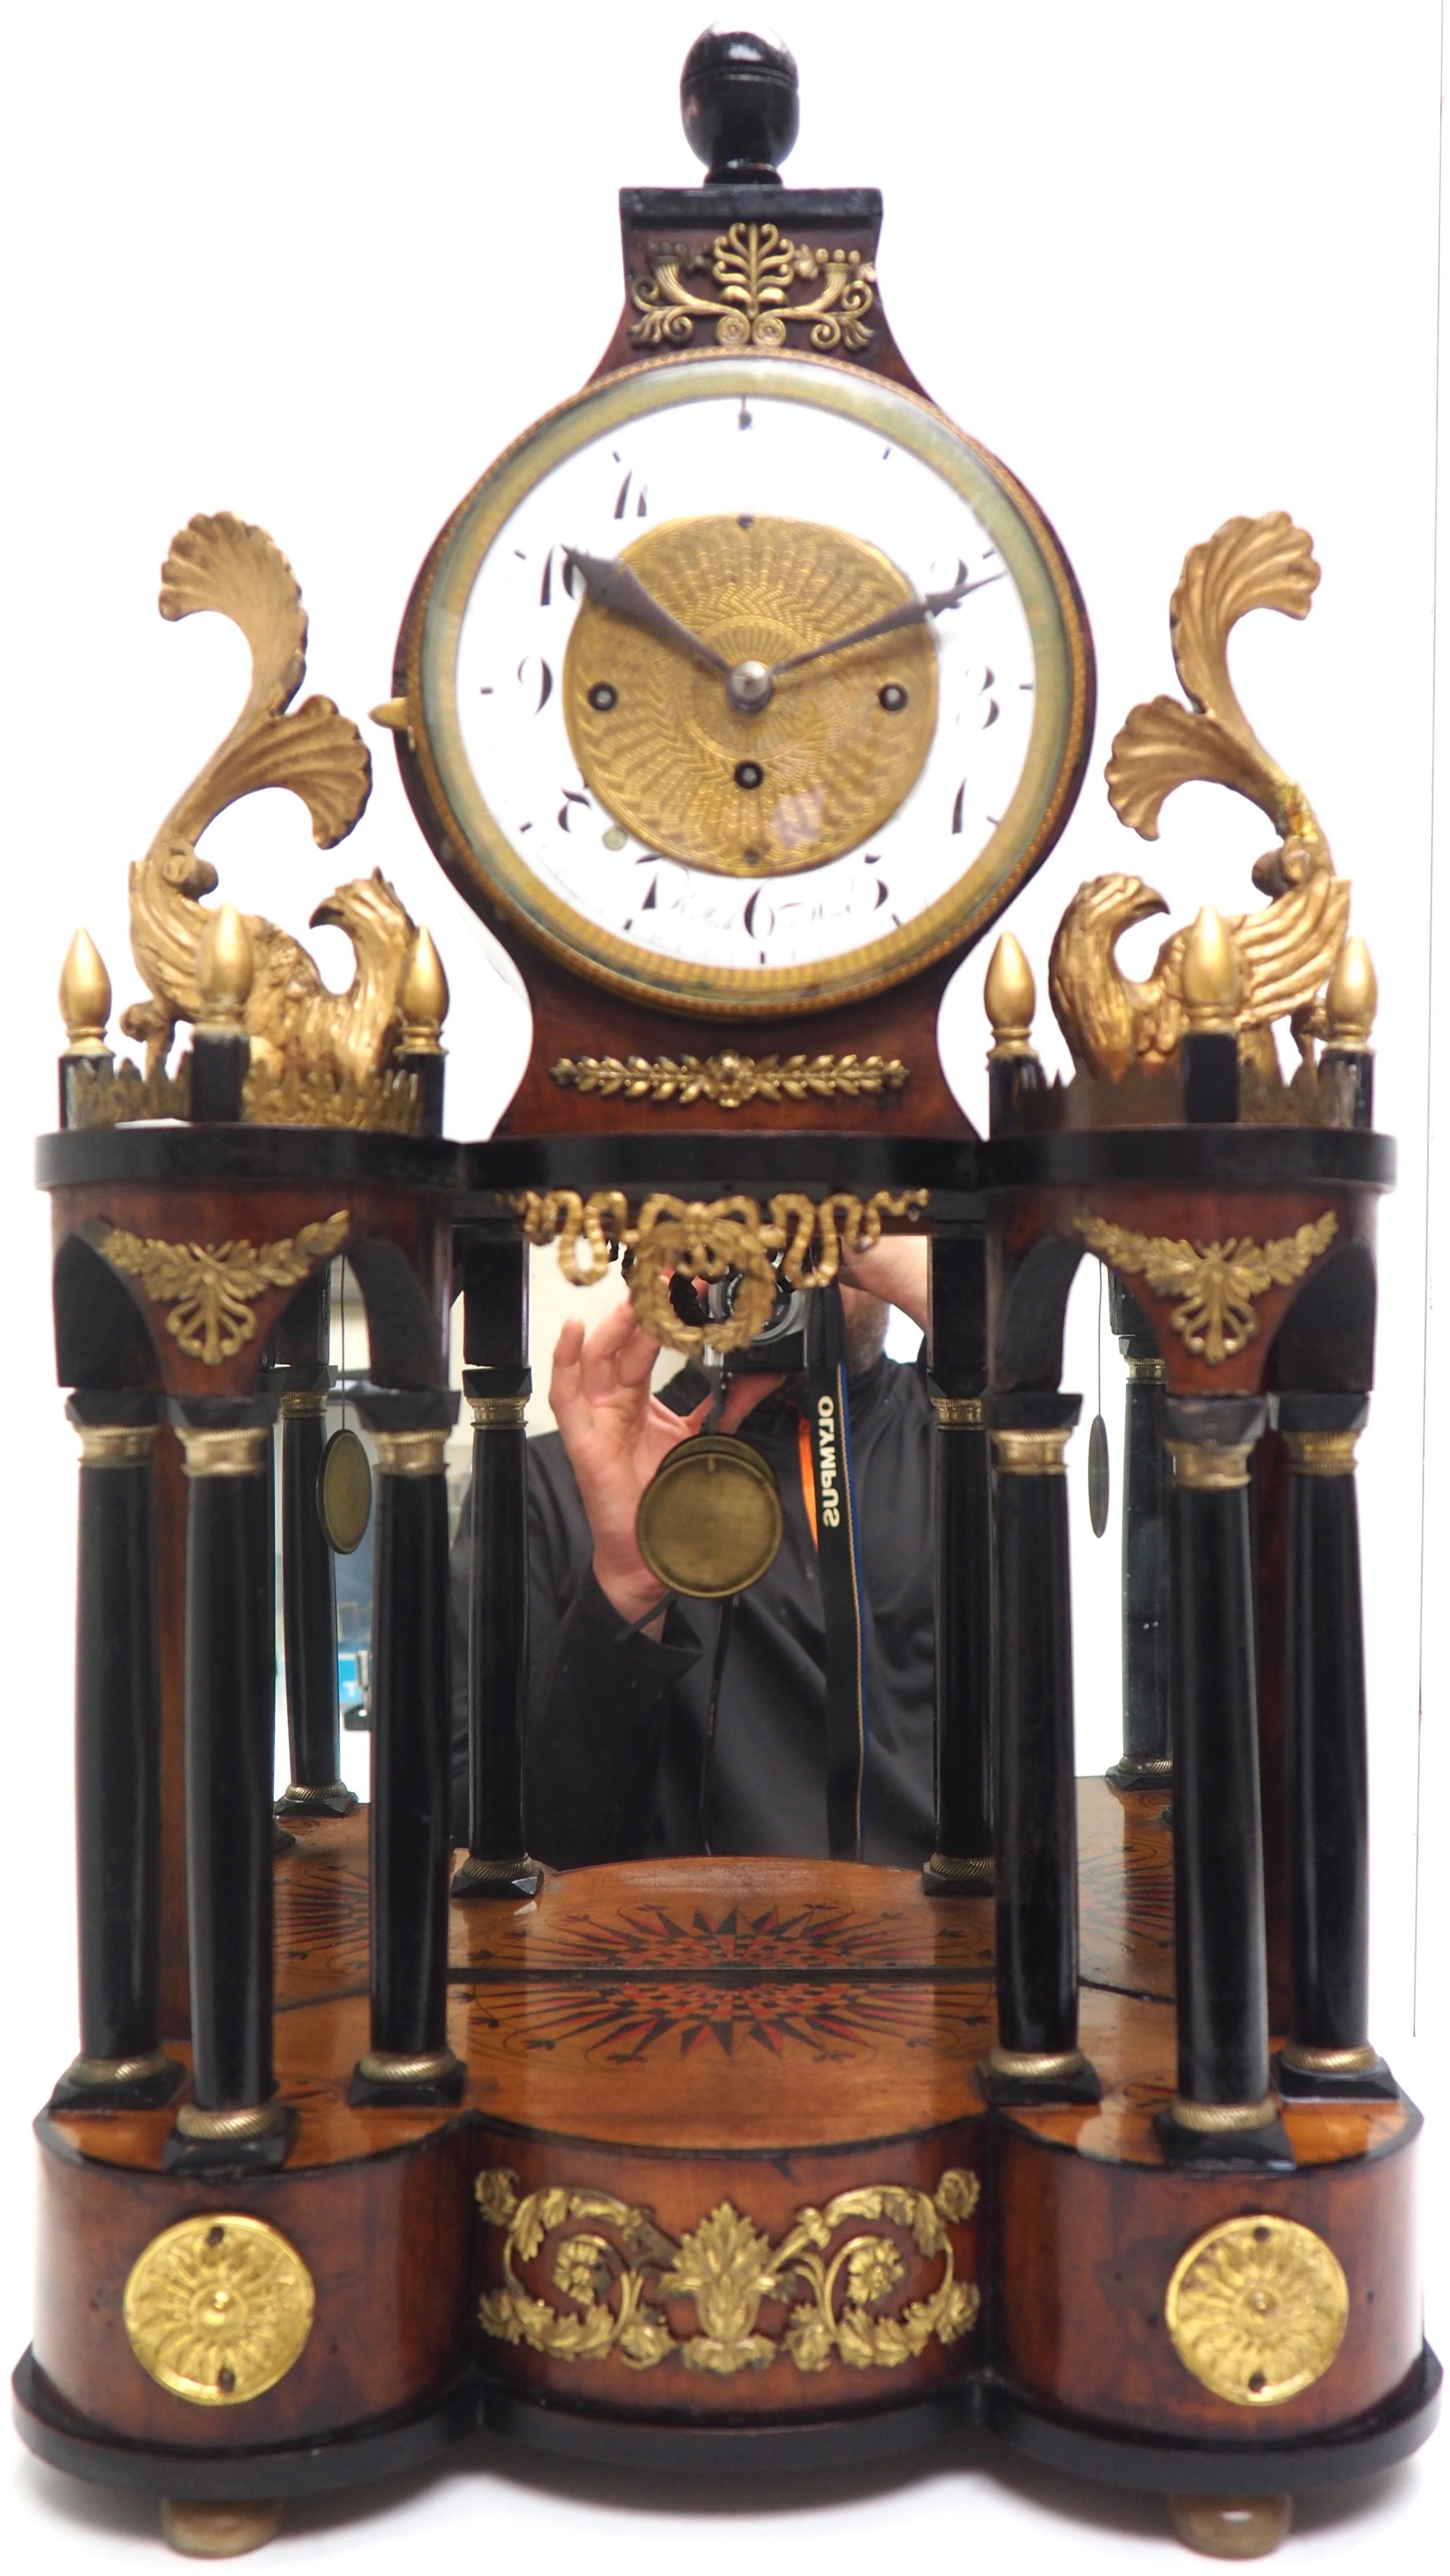 superb early viennese biedermeier grand sonnerie mantel clock striking 2 gongs signed rettich in wien